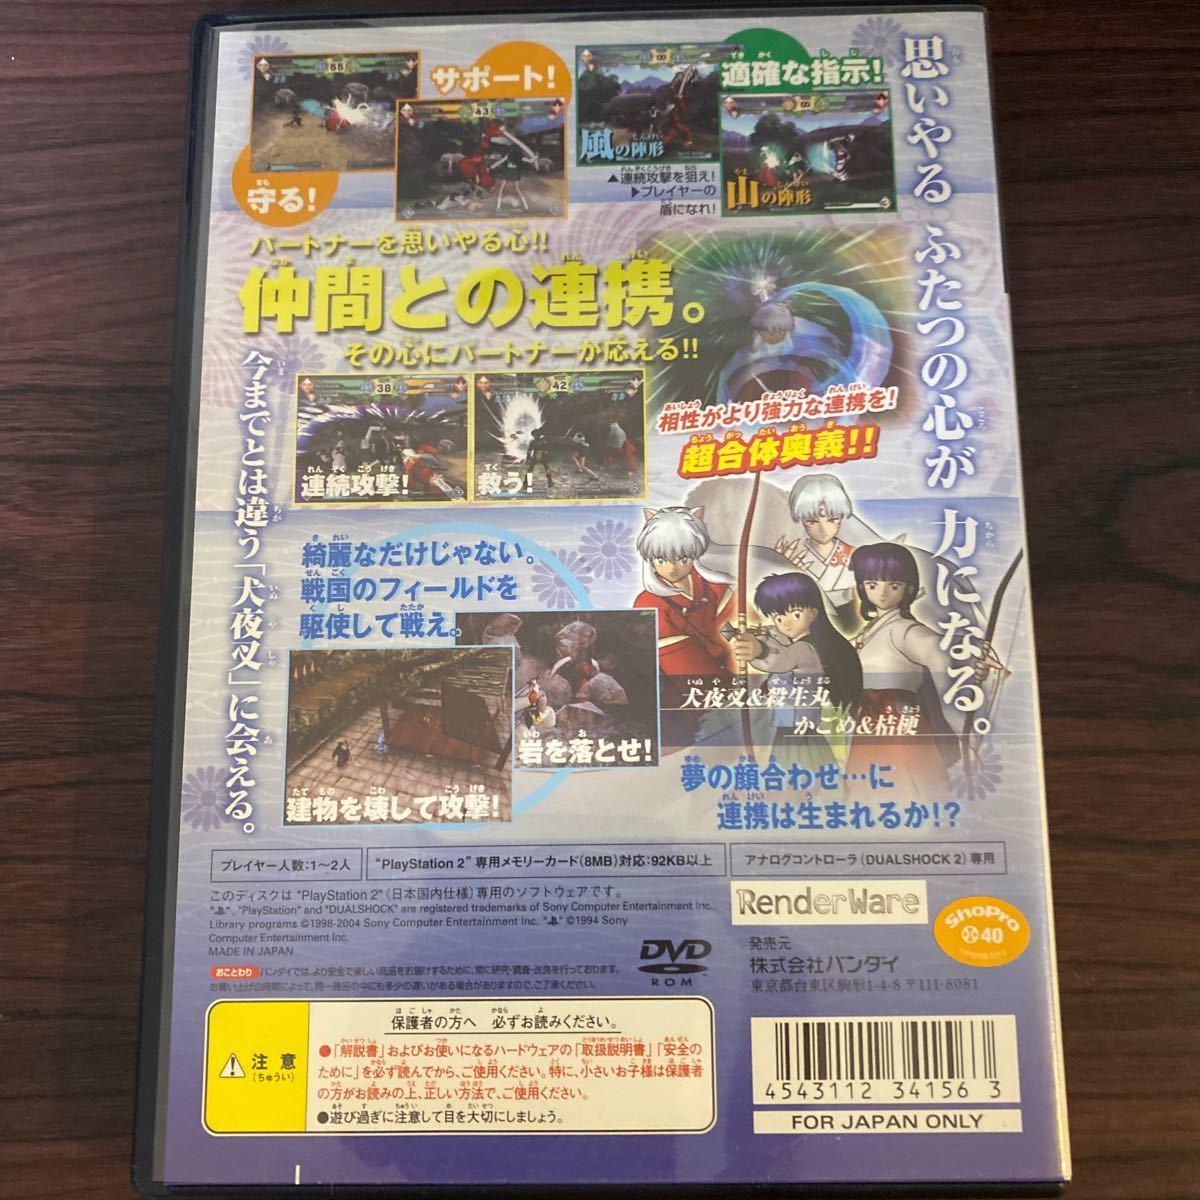 【PS2】犬夜叉 奥義乱舞